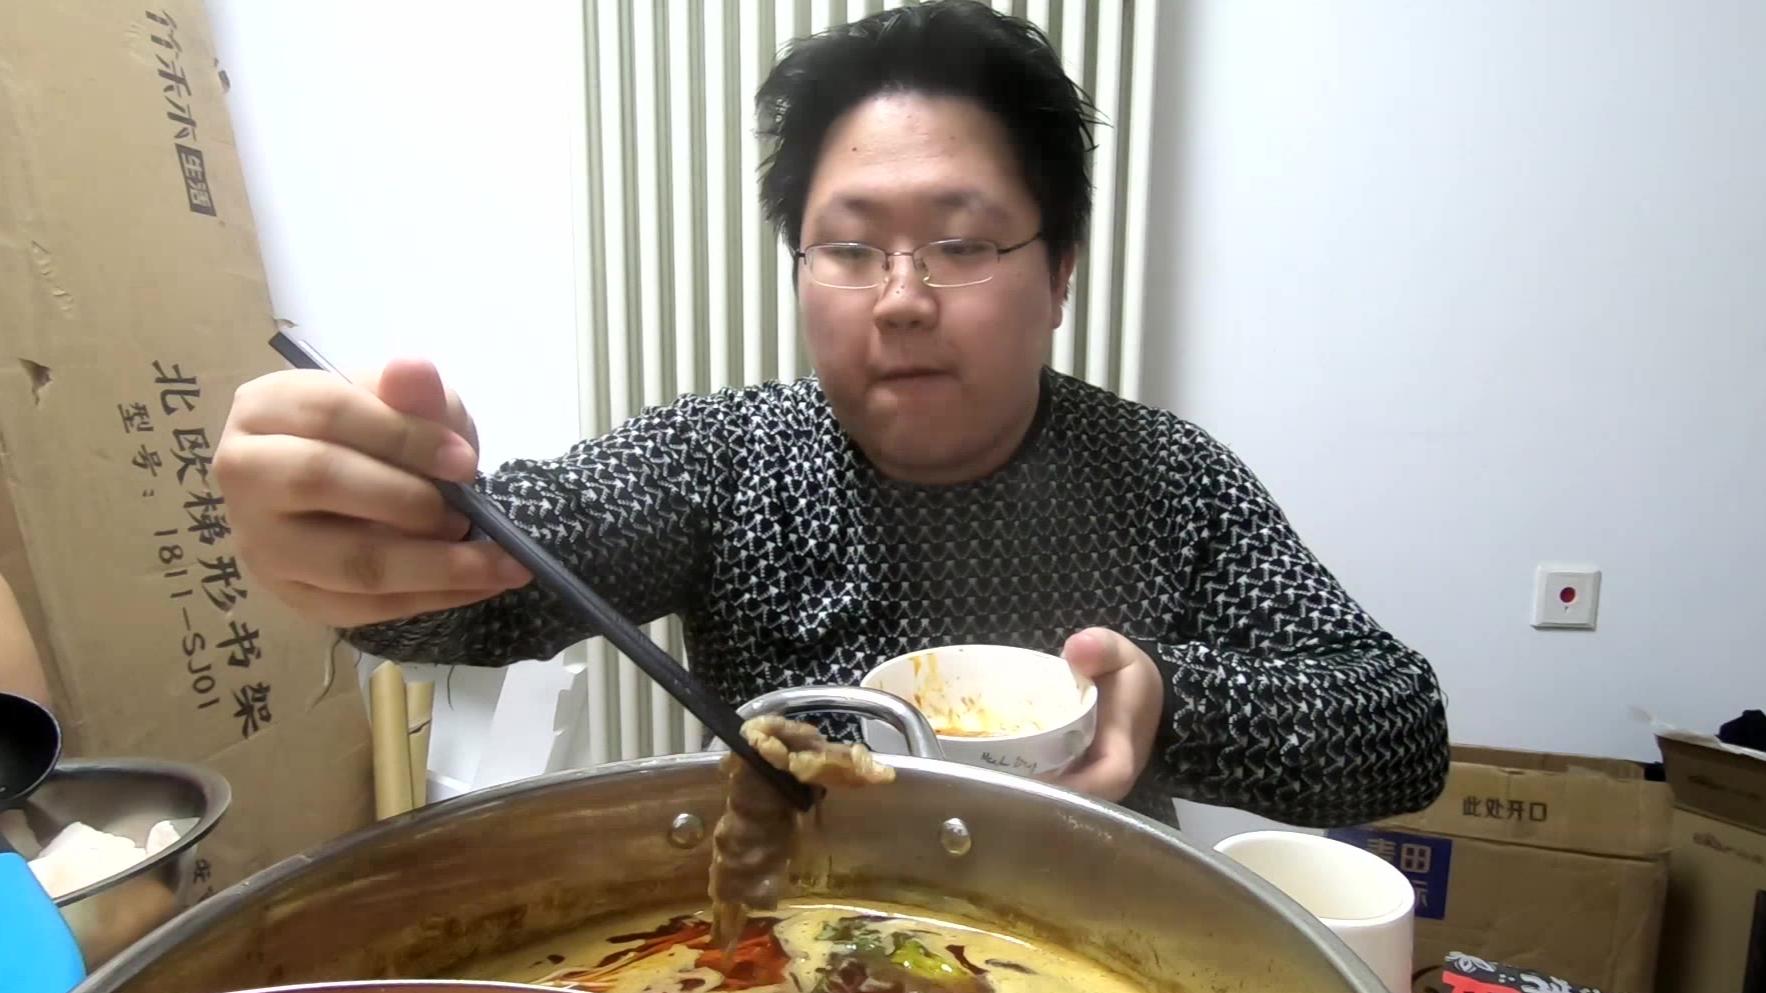 【路个vlog】在家火锅听咖喱奥力给(全年龄五蕉版)